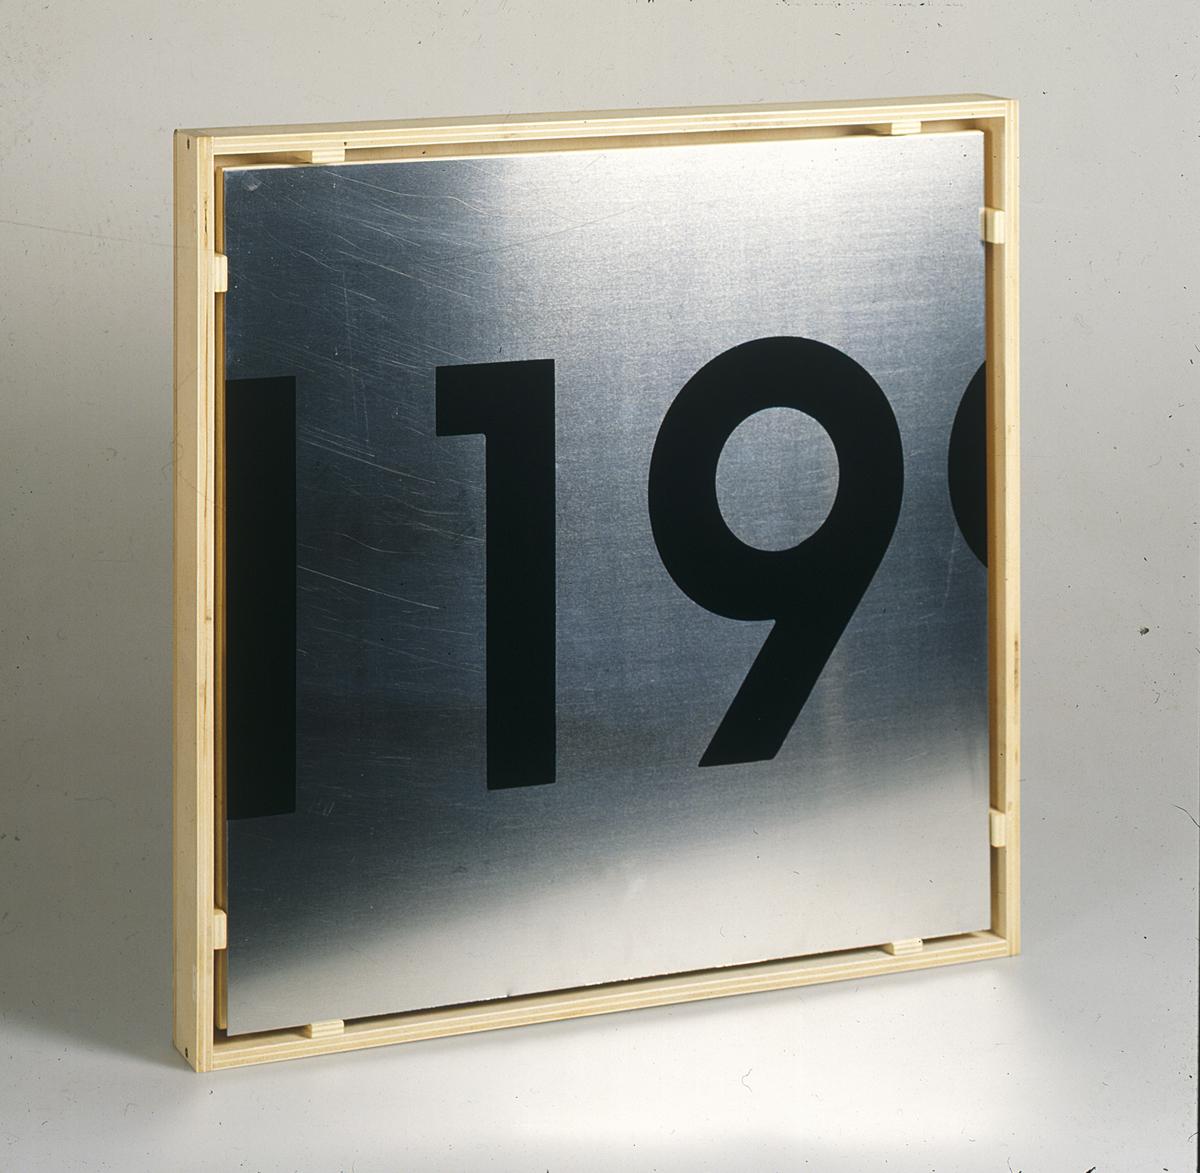 02_matta-box-1991